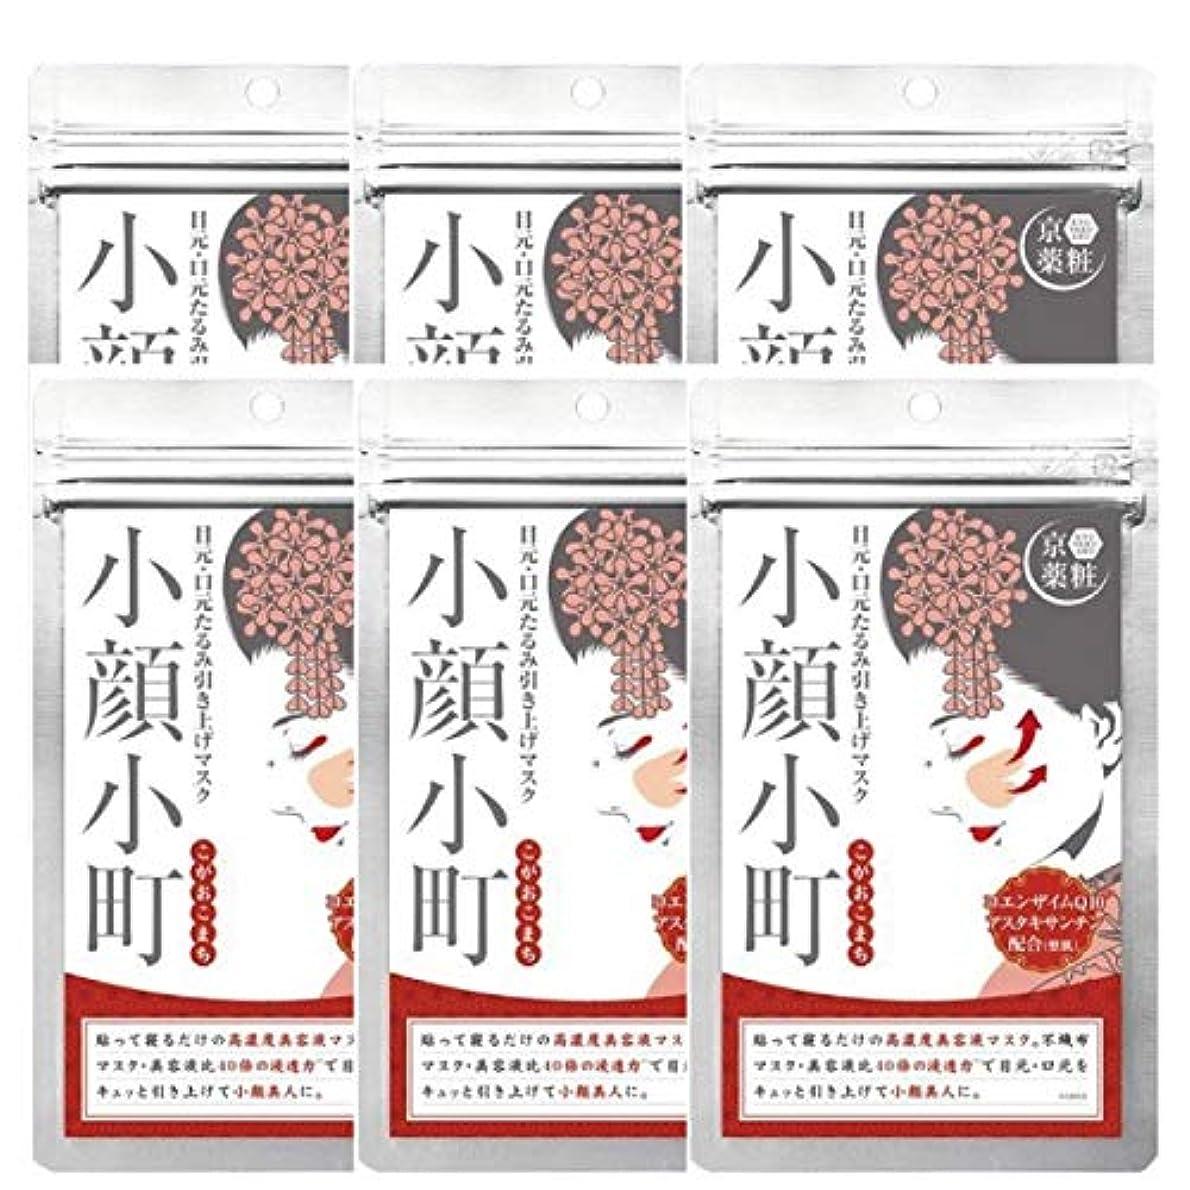 社会科入浴おしゃれじゃない京薬粧 小顔小町 リフトアップマスク ×6セット